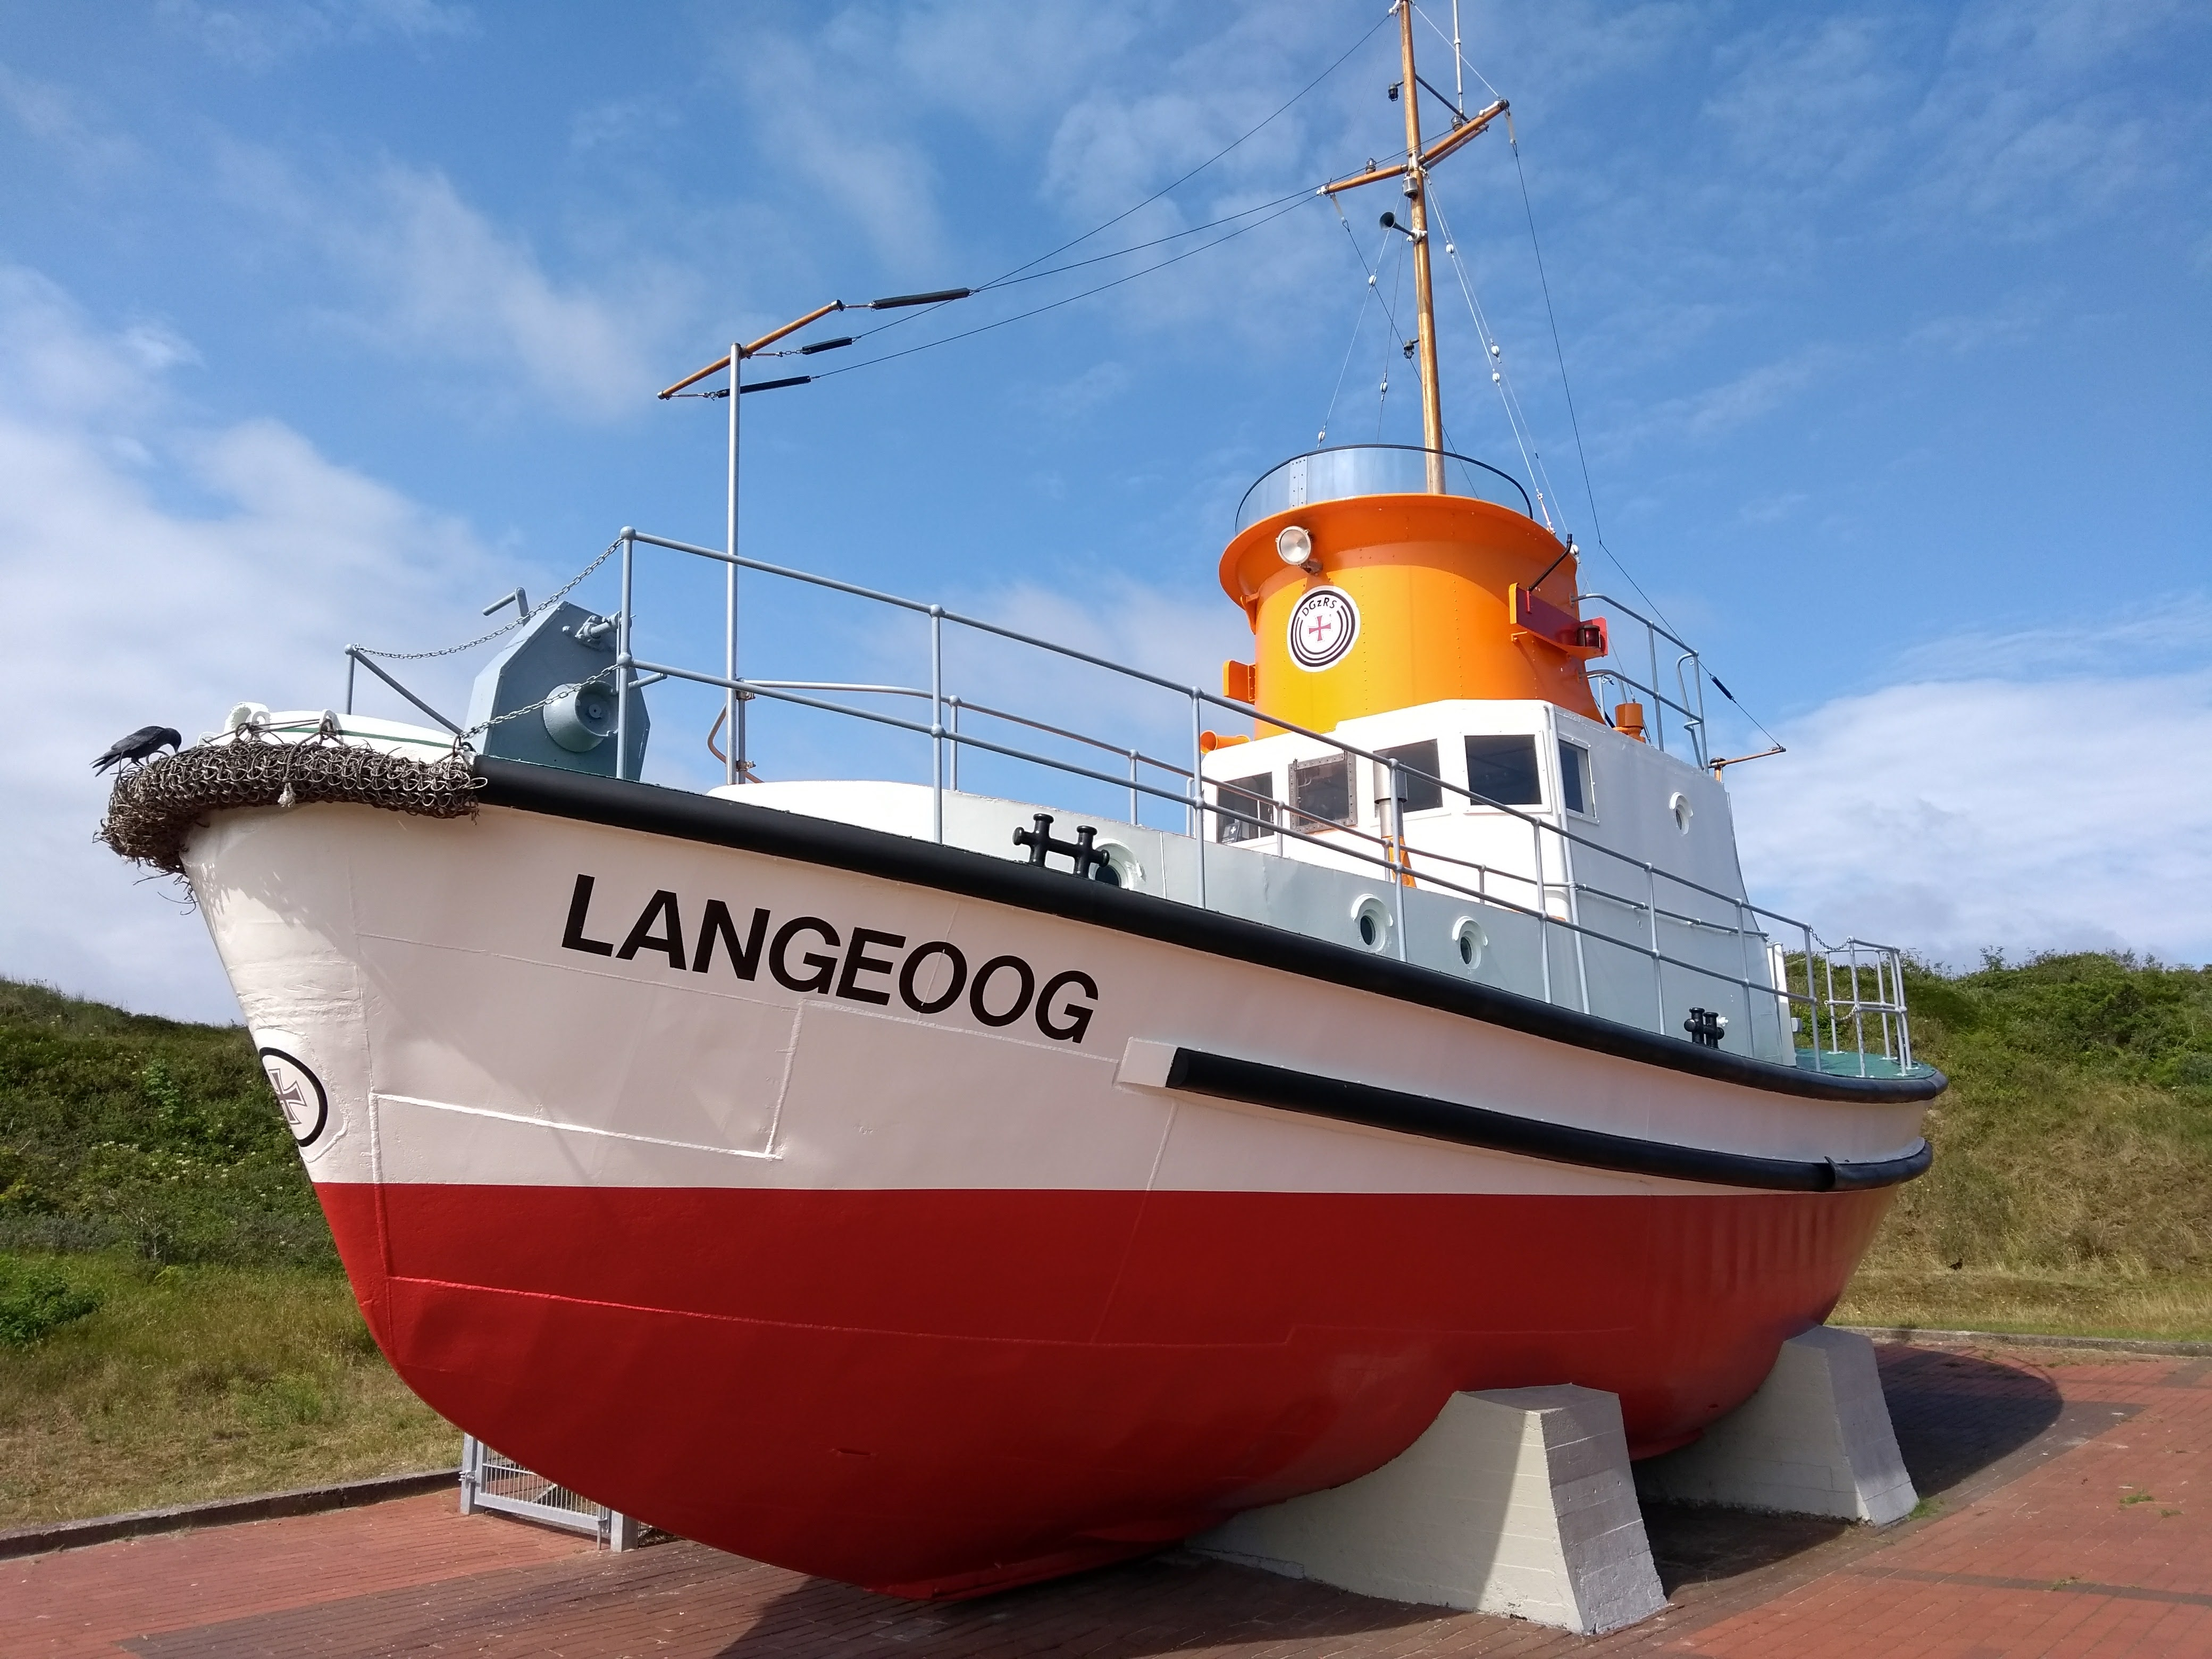 Schiff Langeoog